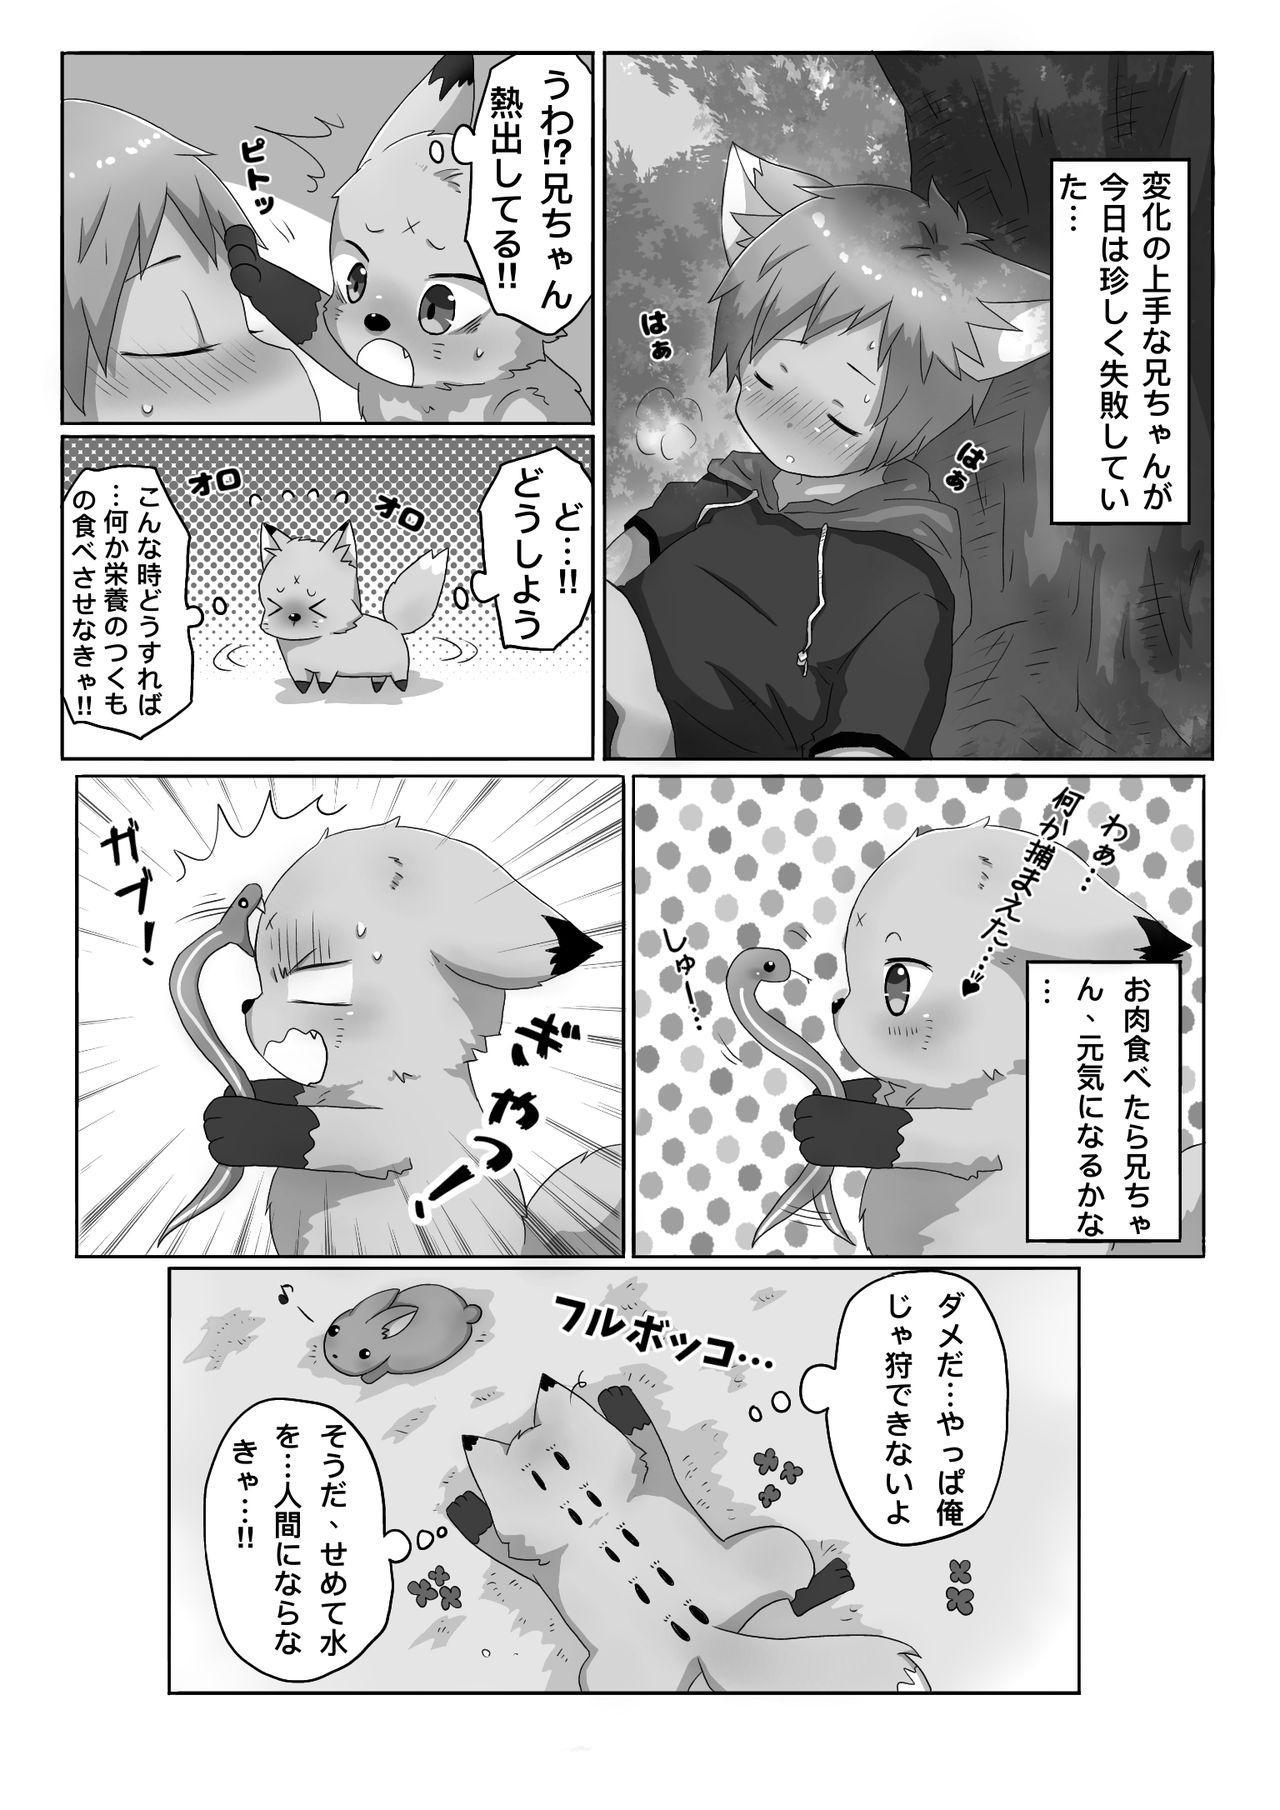 ゴロタ - 狐男児の話 10